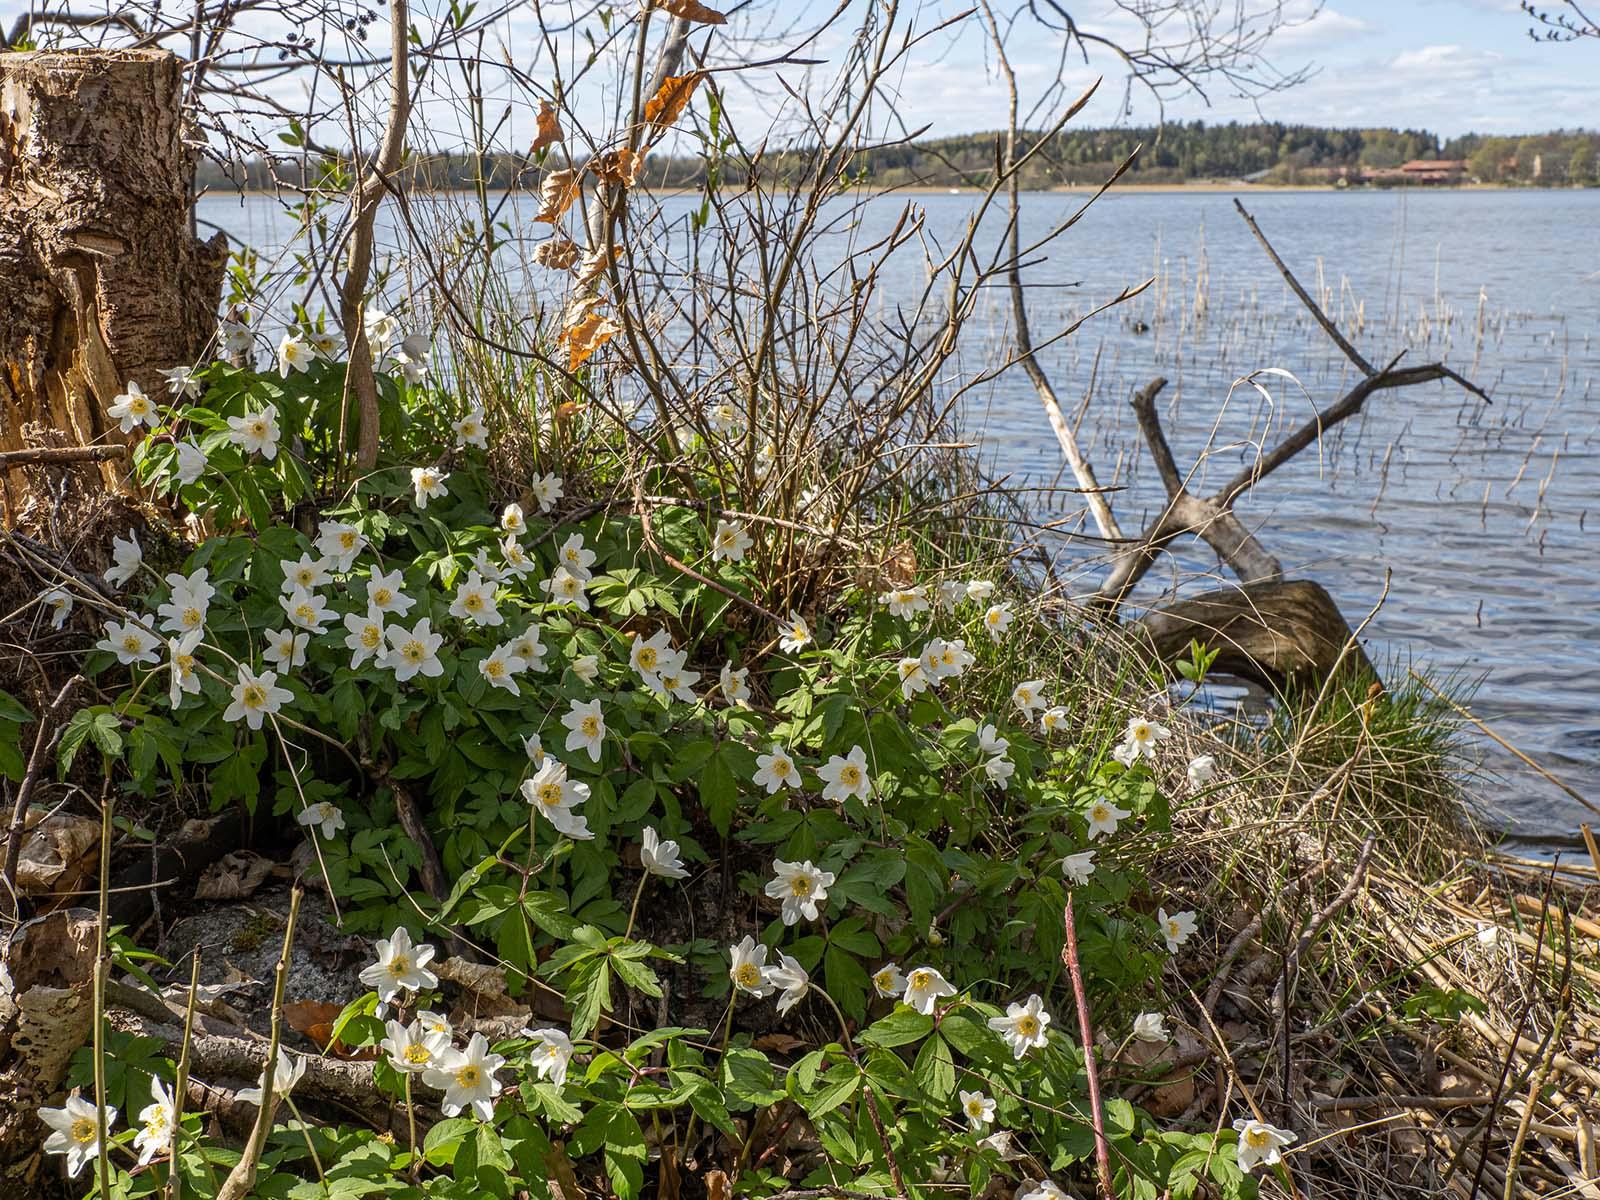 Ветреница дубравная (Anemone nemorosa) на берегу озера Mälaren, Стокгольм. Апрель 2020 года. Автор фото: Сутормина Марина